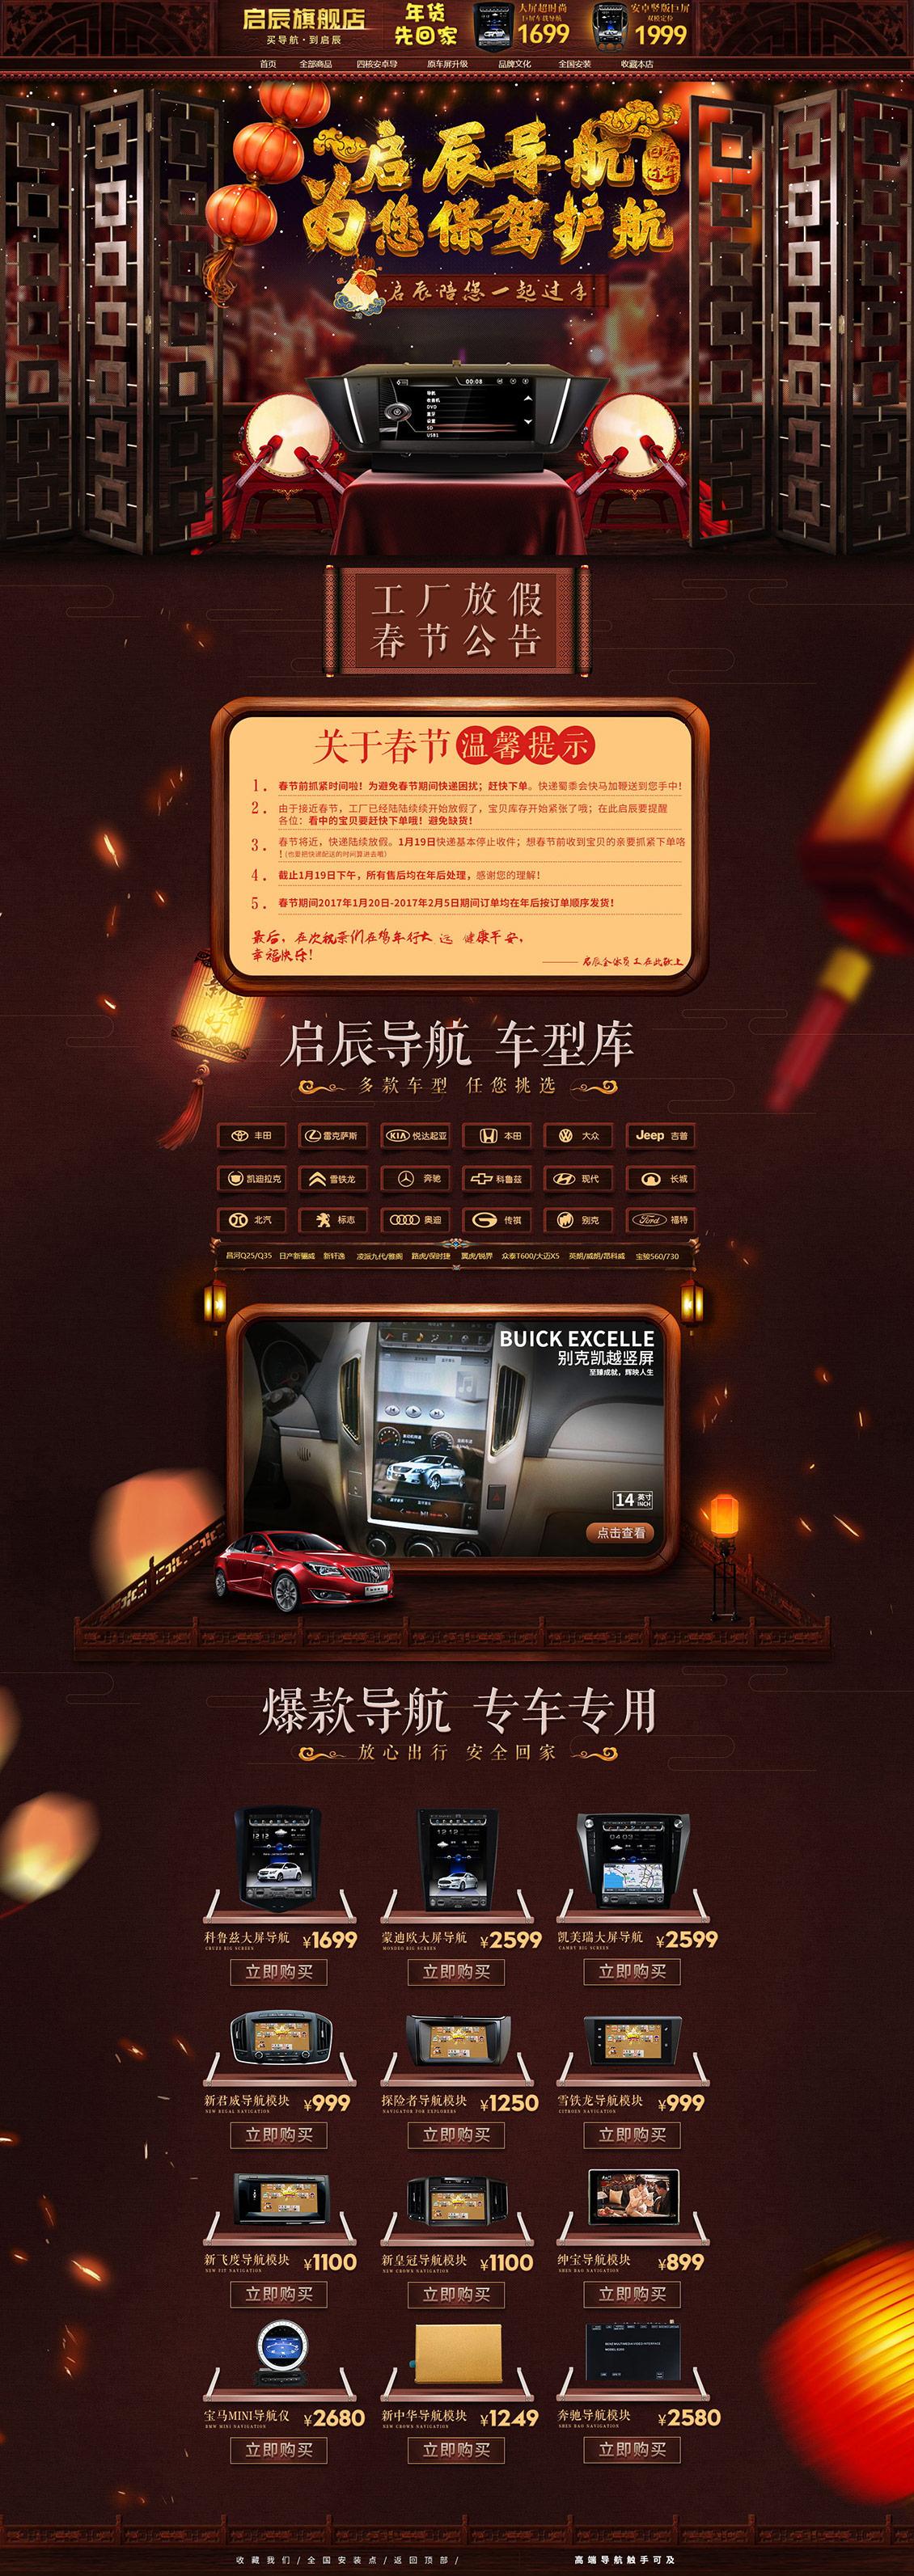 启辰汽车用品配件安全座椅新年新春年货节 腊八节 天猫首页活动专题页面设计